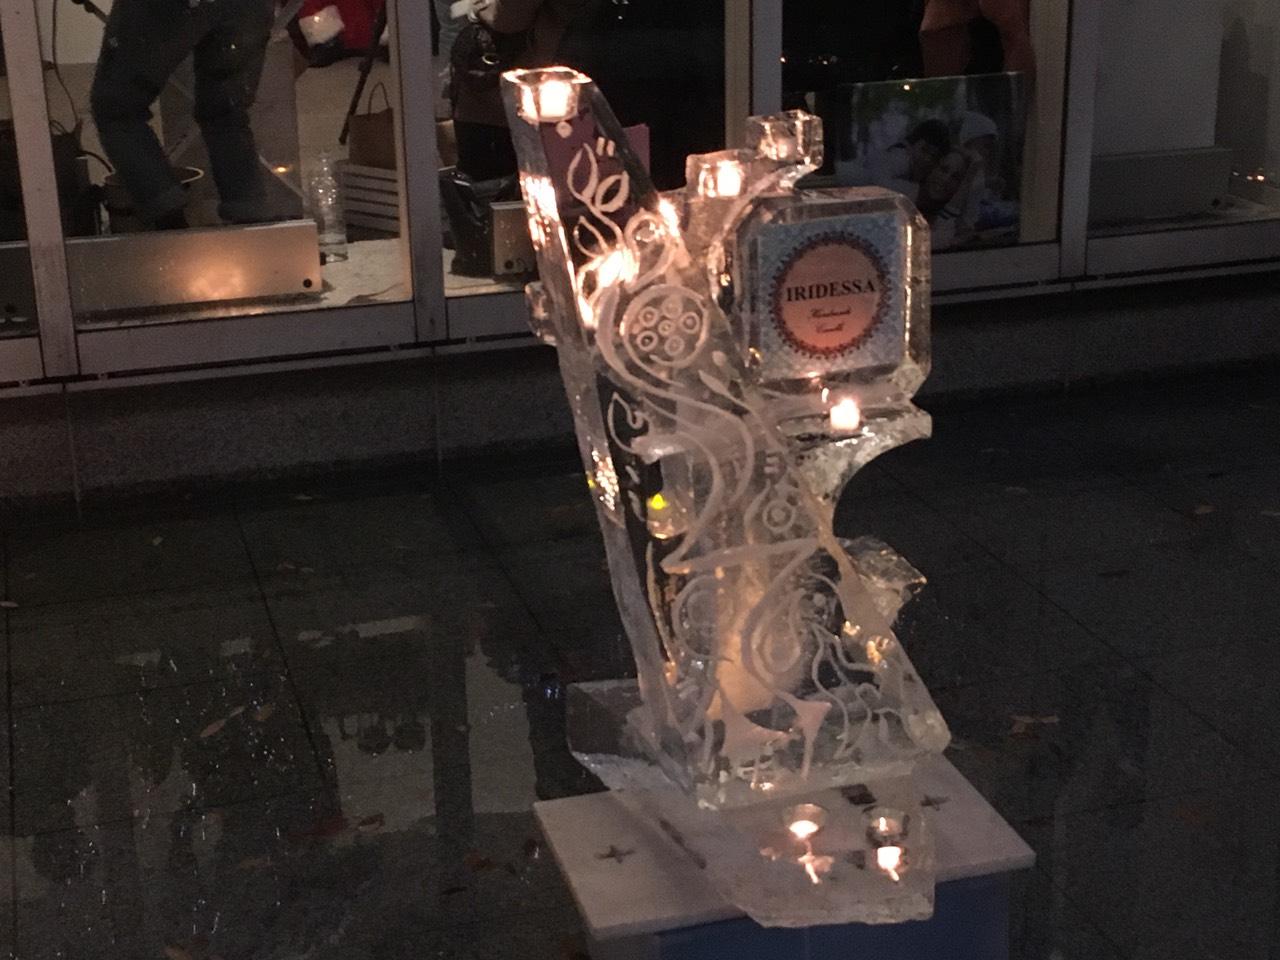 某イベント キャンドル氷アート